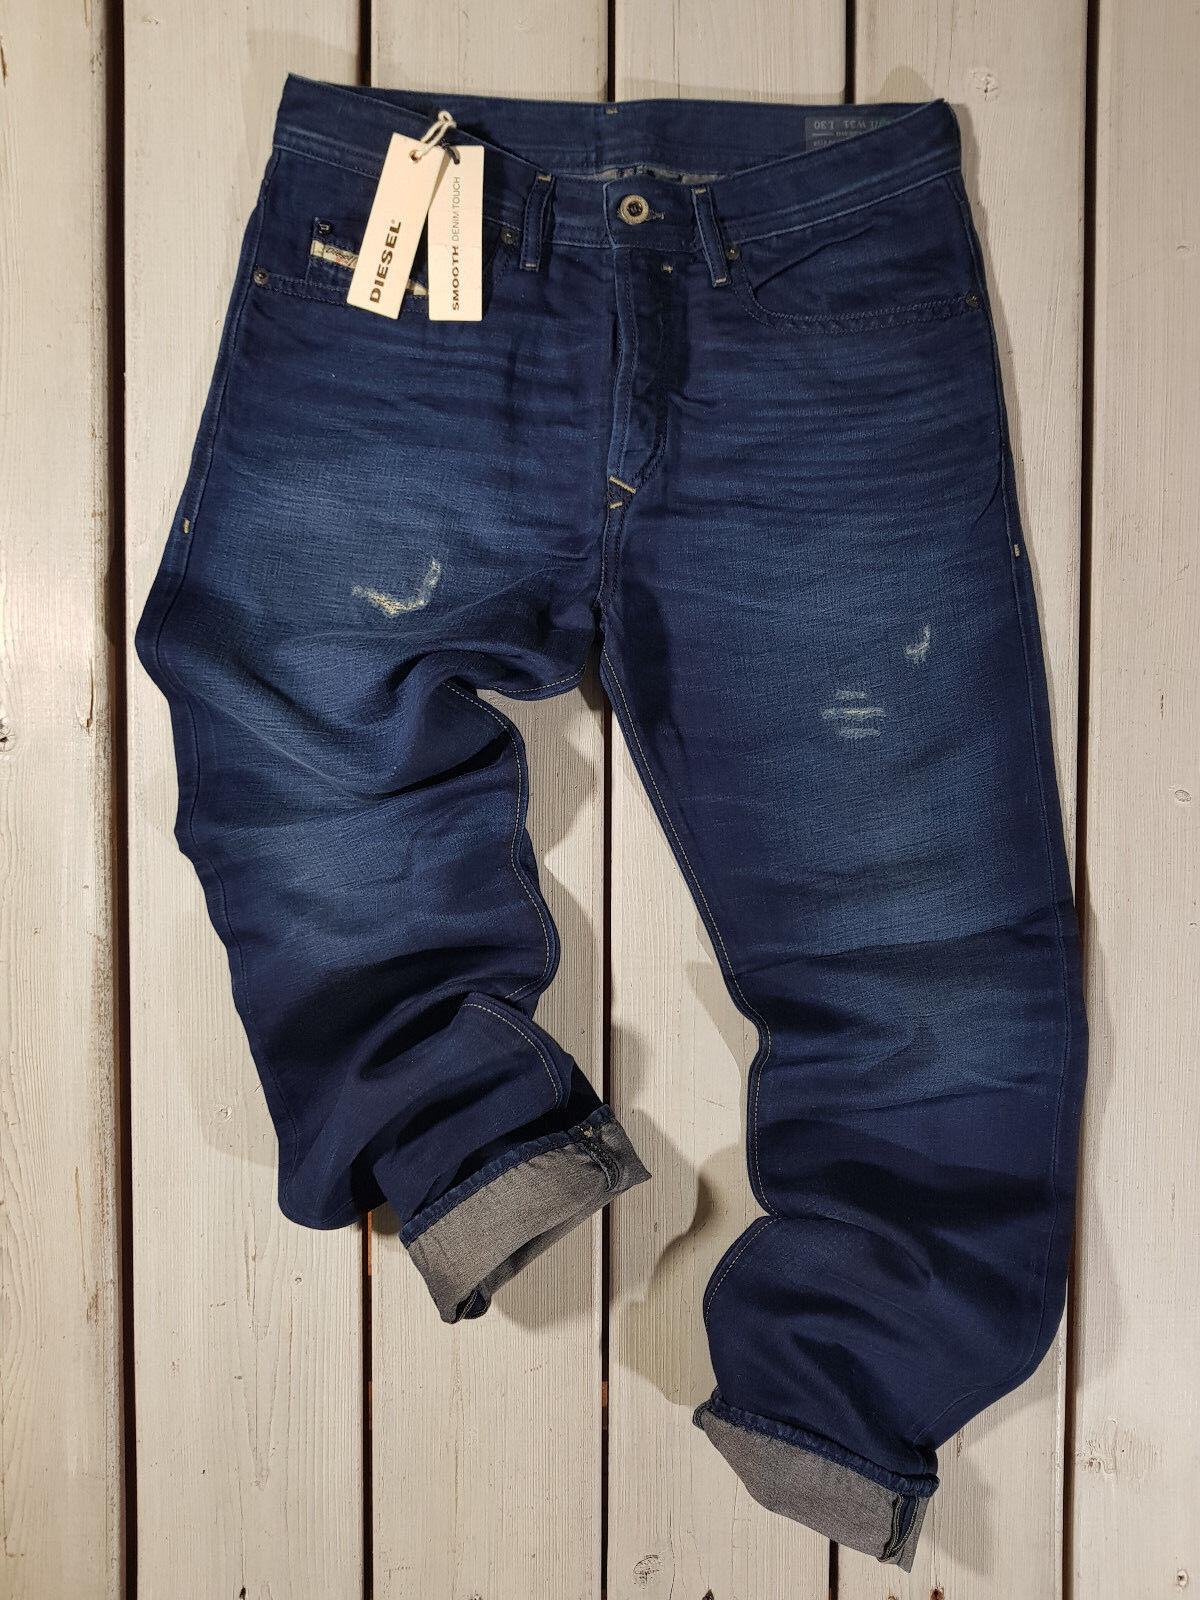 Prezzo di Vendita Consigliato Nuovo Diesel UOMO Jeans Buster Buster Buster 0665T Regular 98a013